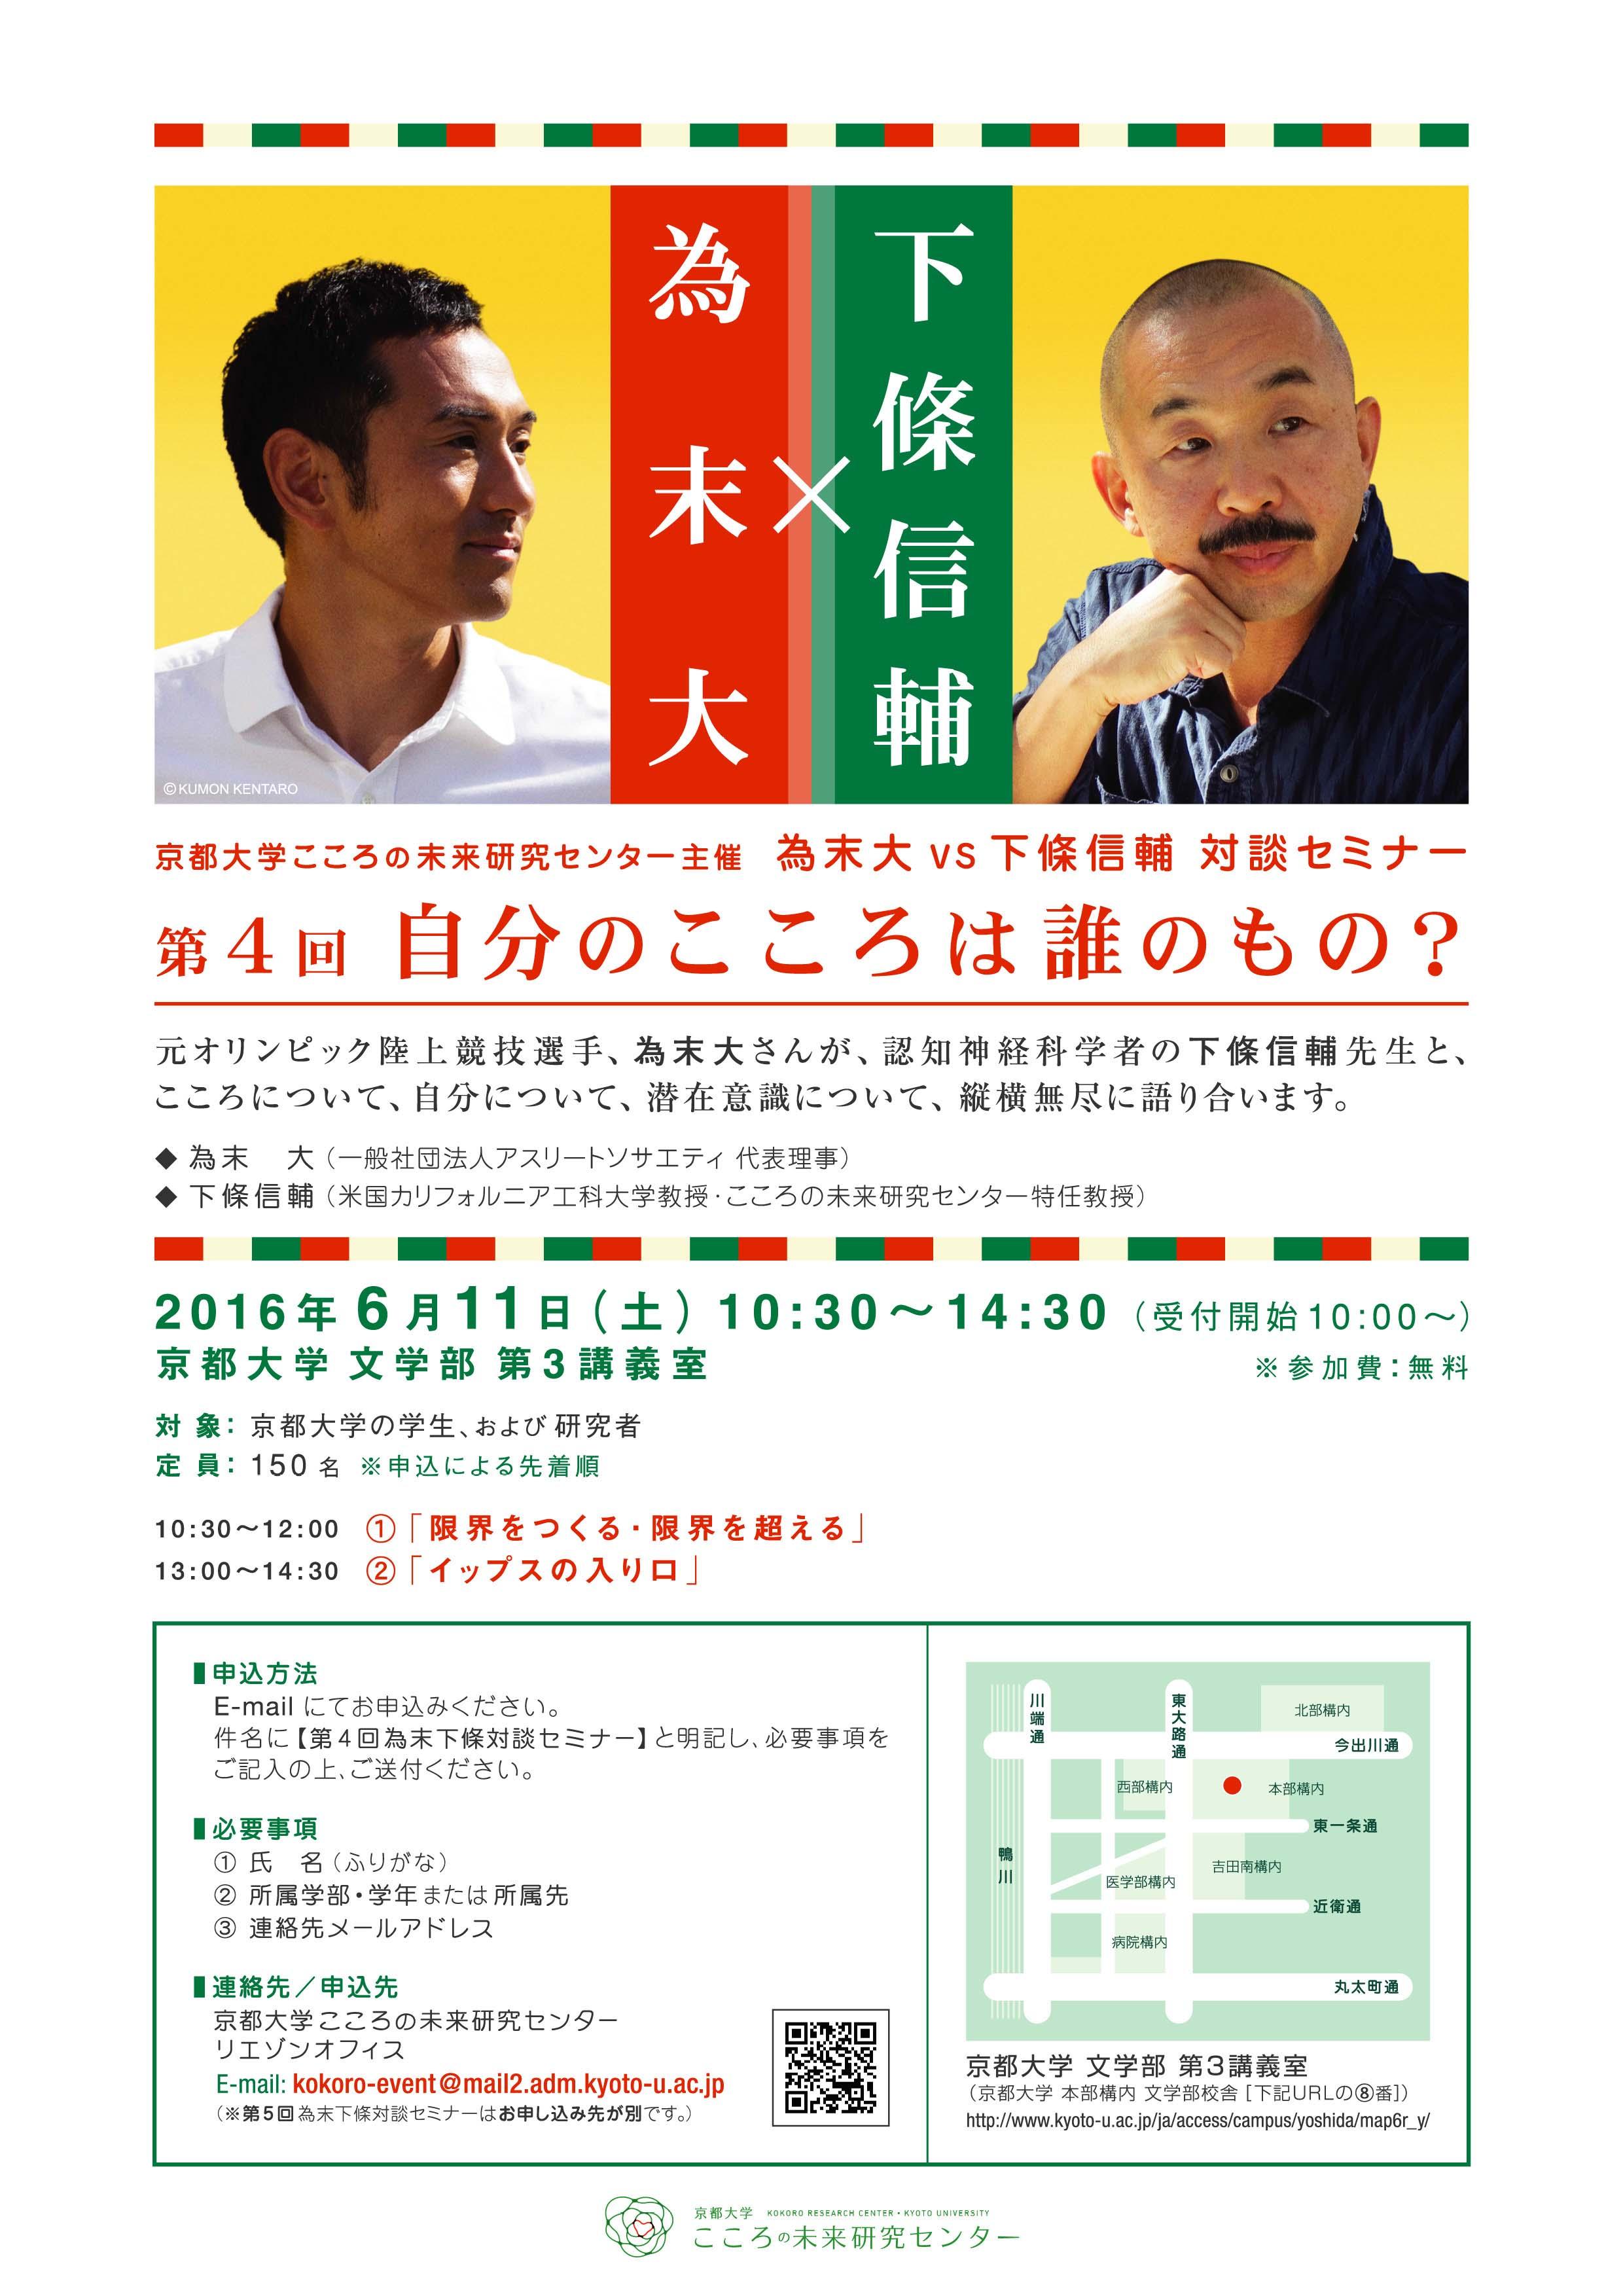 京都大学こころの未来研究センター主催 為末大 vs 下條信輔 対談セミナー